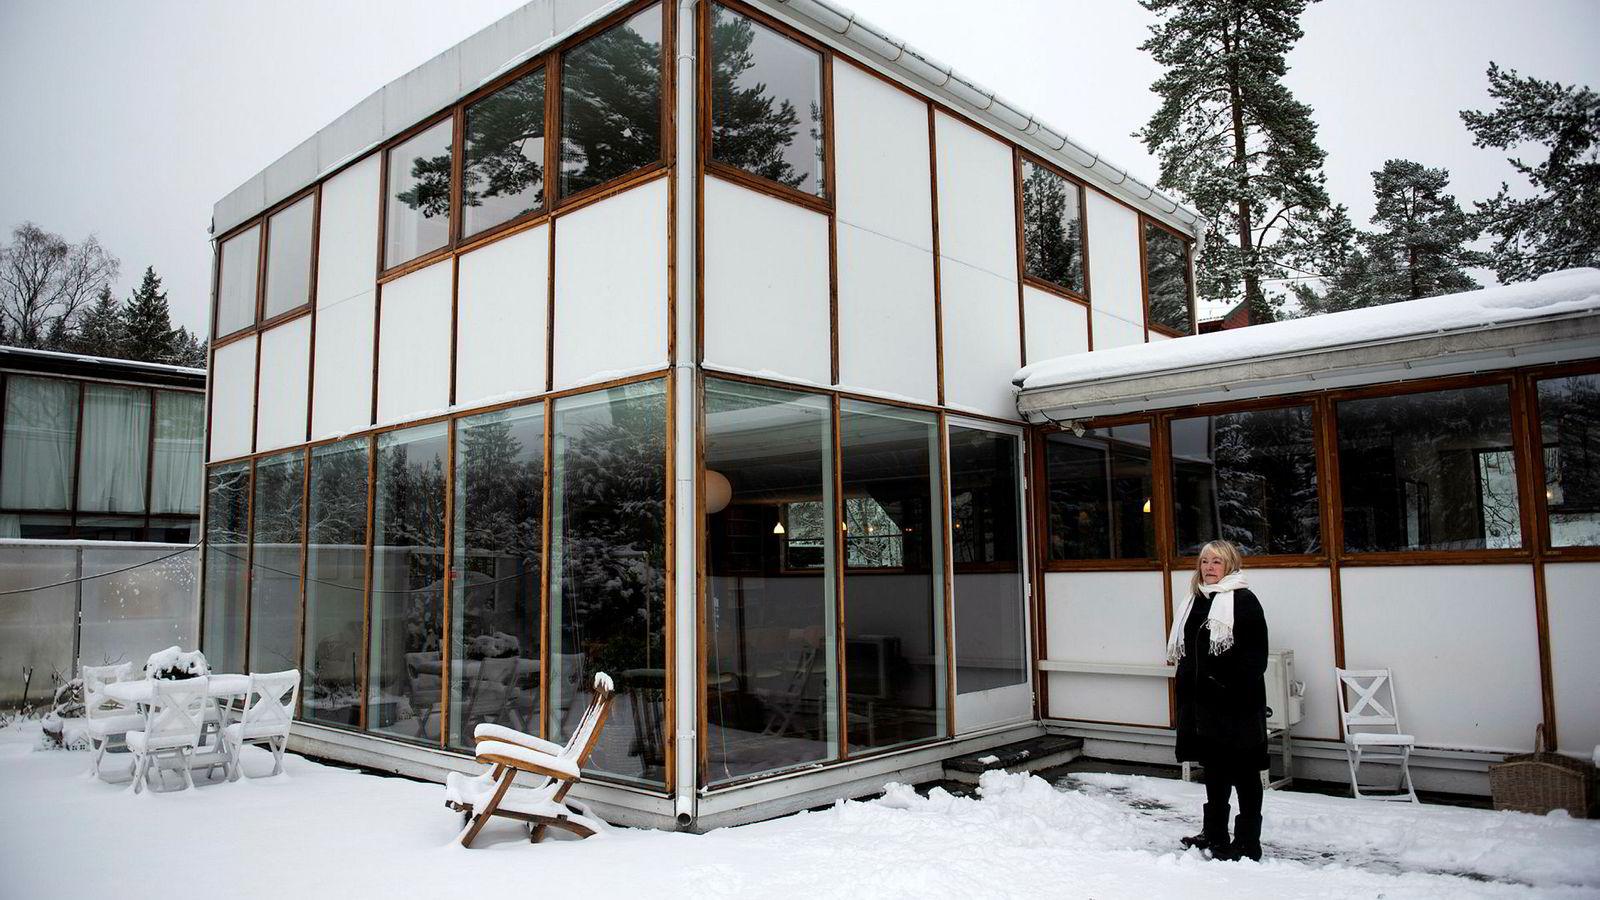 Marit Bergum Hansen er selgeren av arkitektboligen. Huset er en av tre boliger i en berømt husrekke på Vettakollen i Oslo tegnet av arkitekt Arne Korsmo og hans samarbeidspartner Christian Norberg-Schulz.